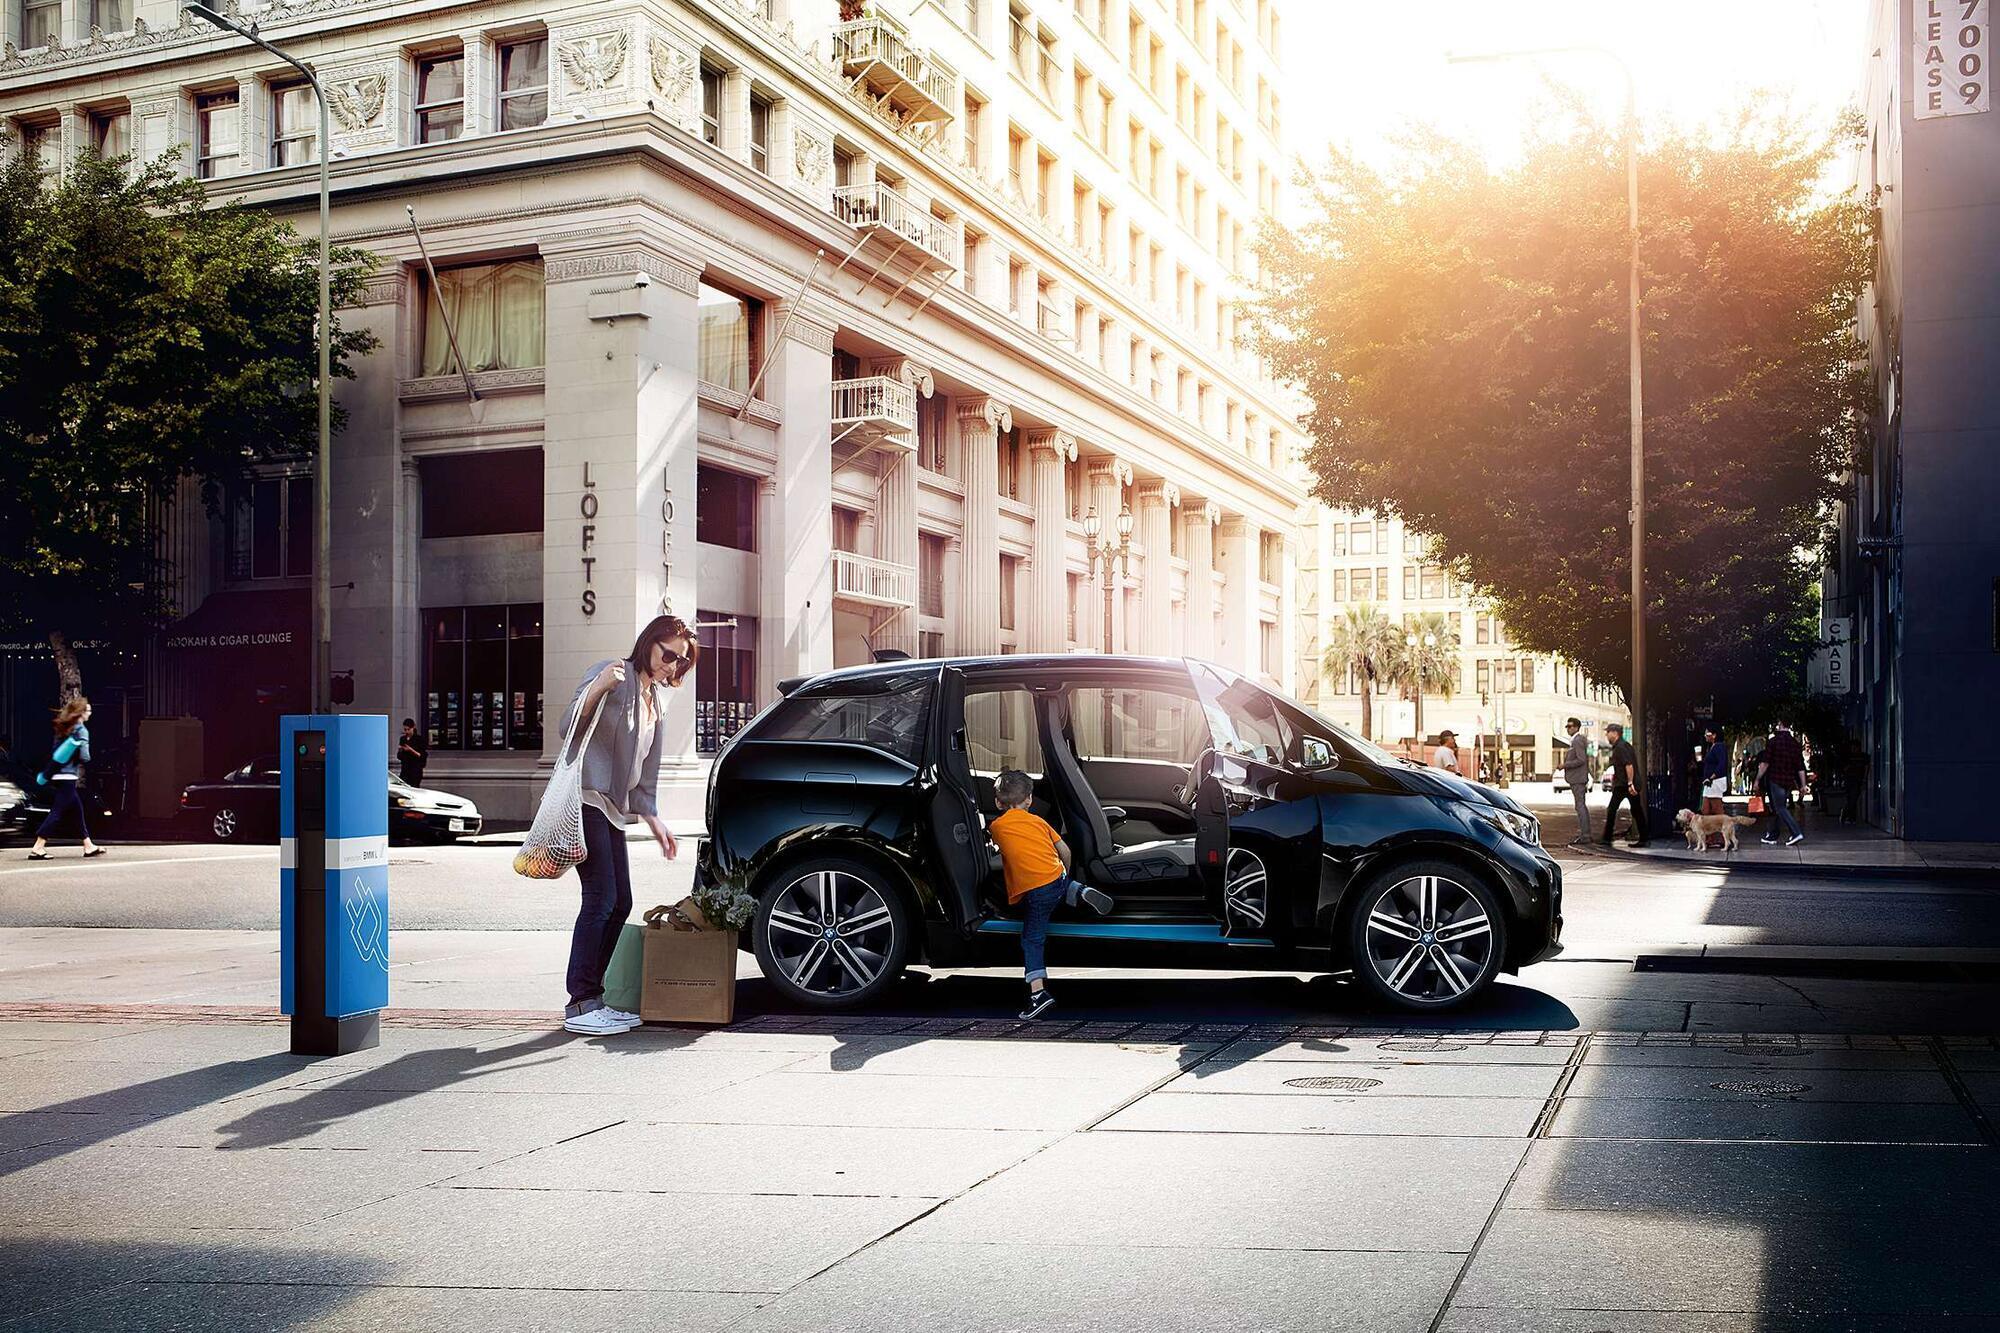 Позитивным трендом на фоне кризиса является существенное увеличение спроса на электрифицированные автомобили. Фото: